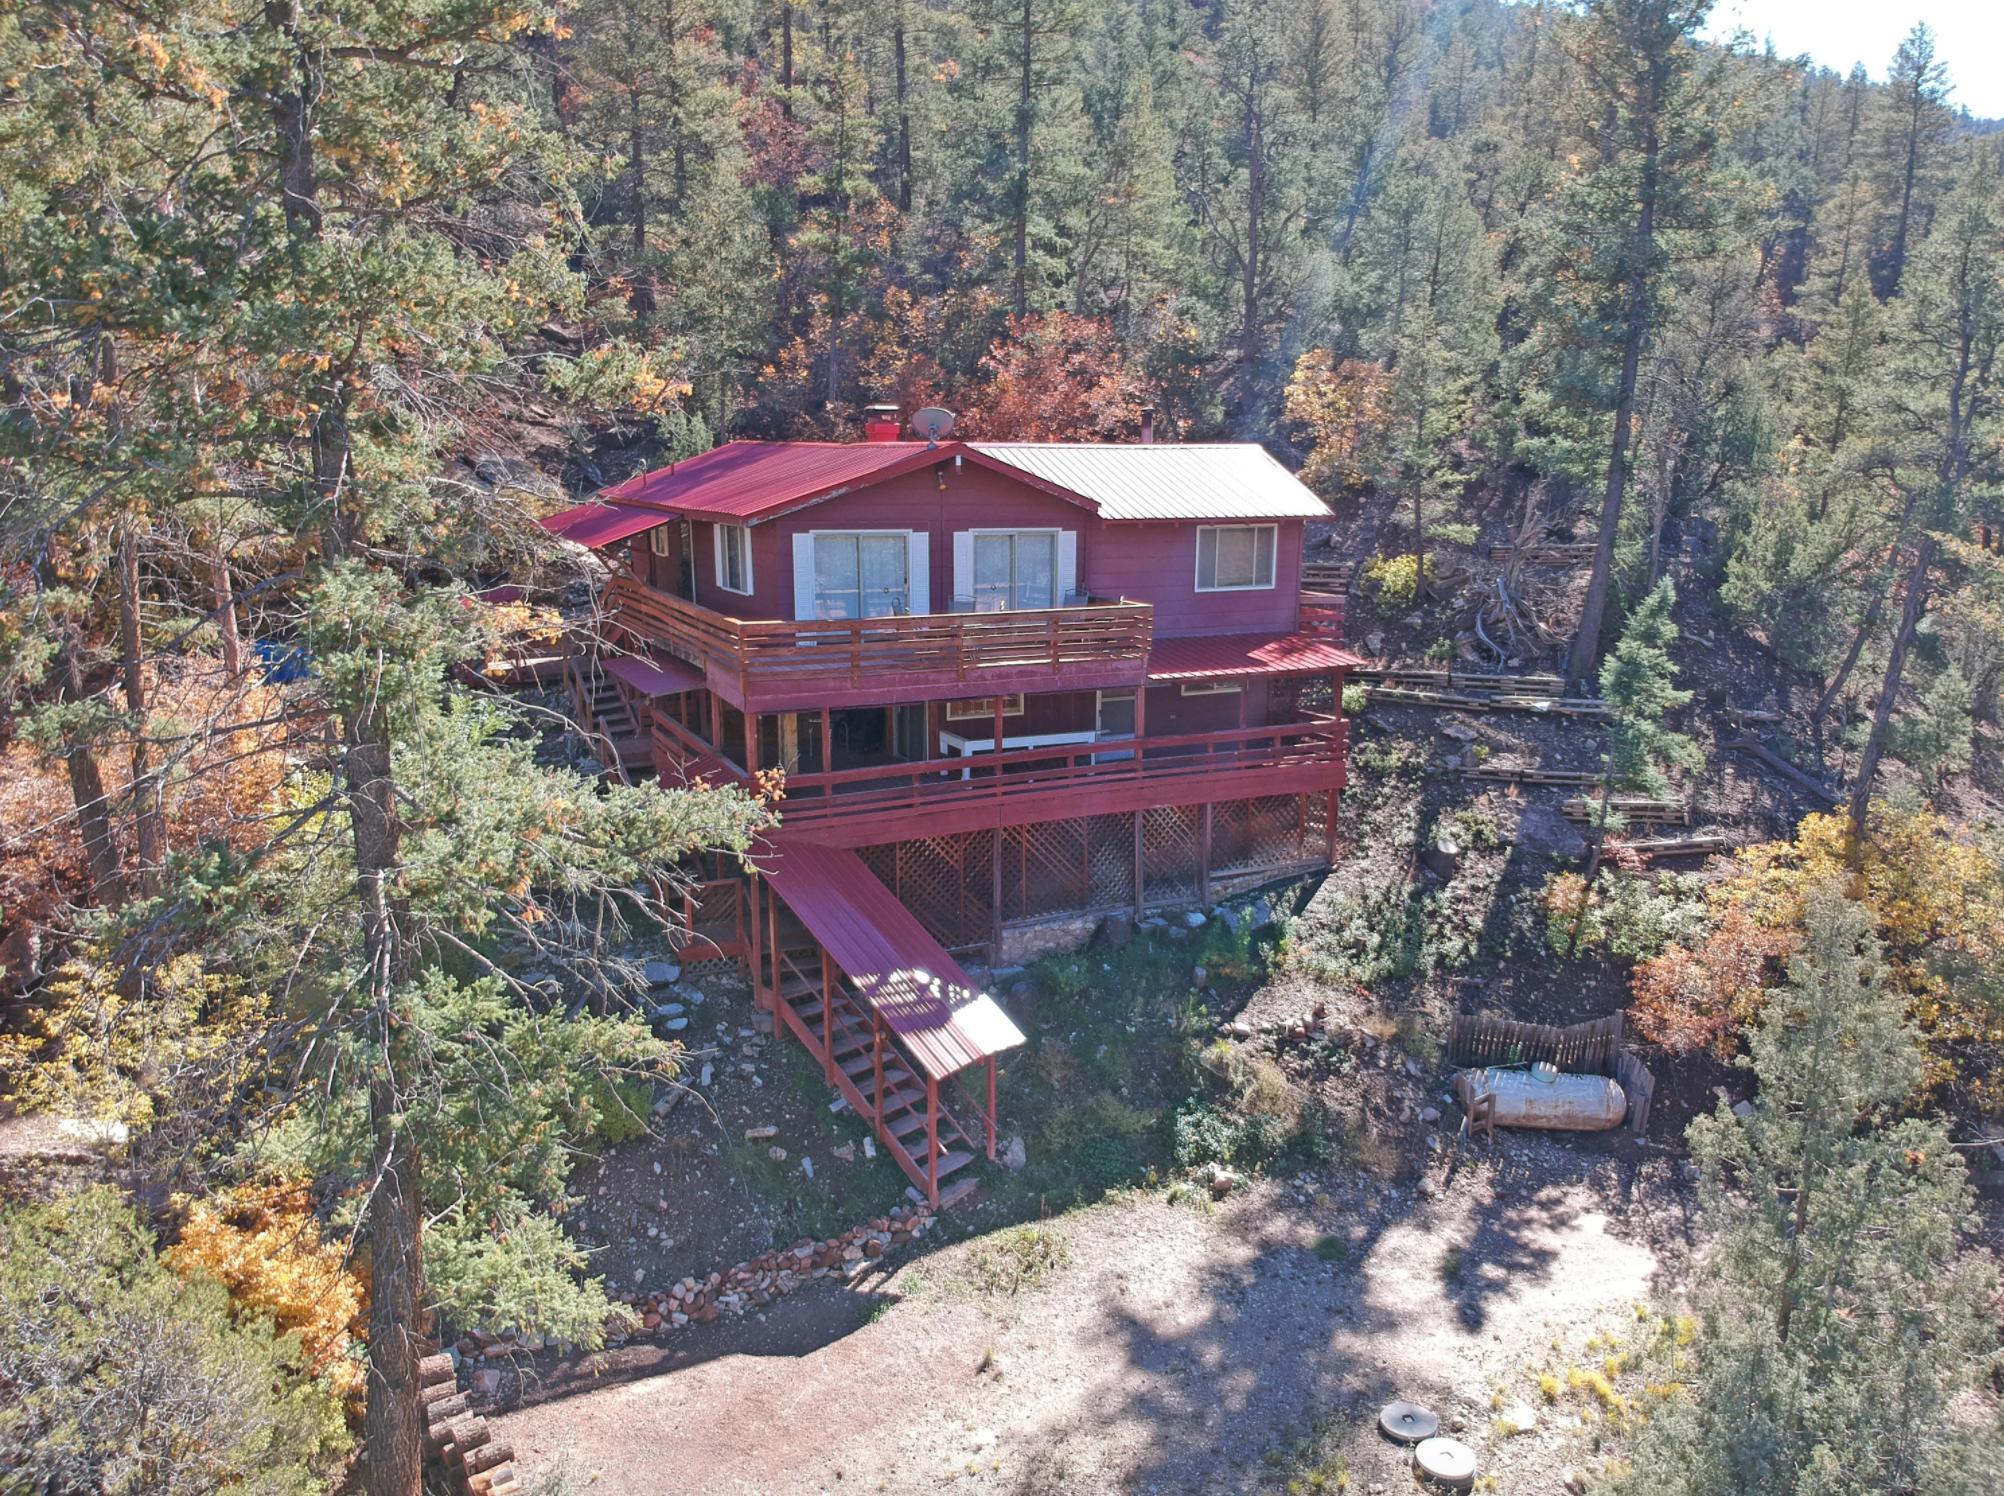 56 River Road, Jemez Springs, NM 87025 - Jemez Springs, NM real estate listing